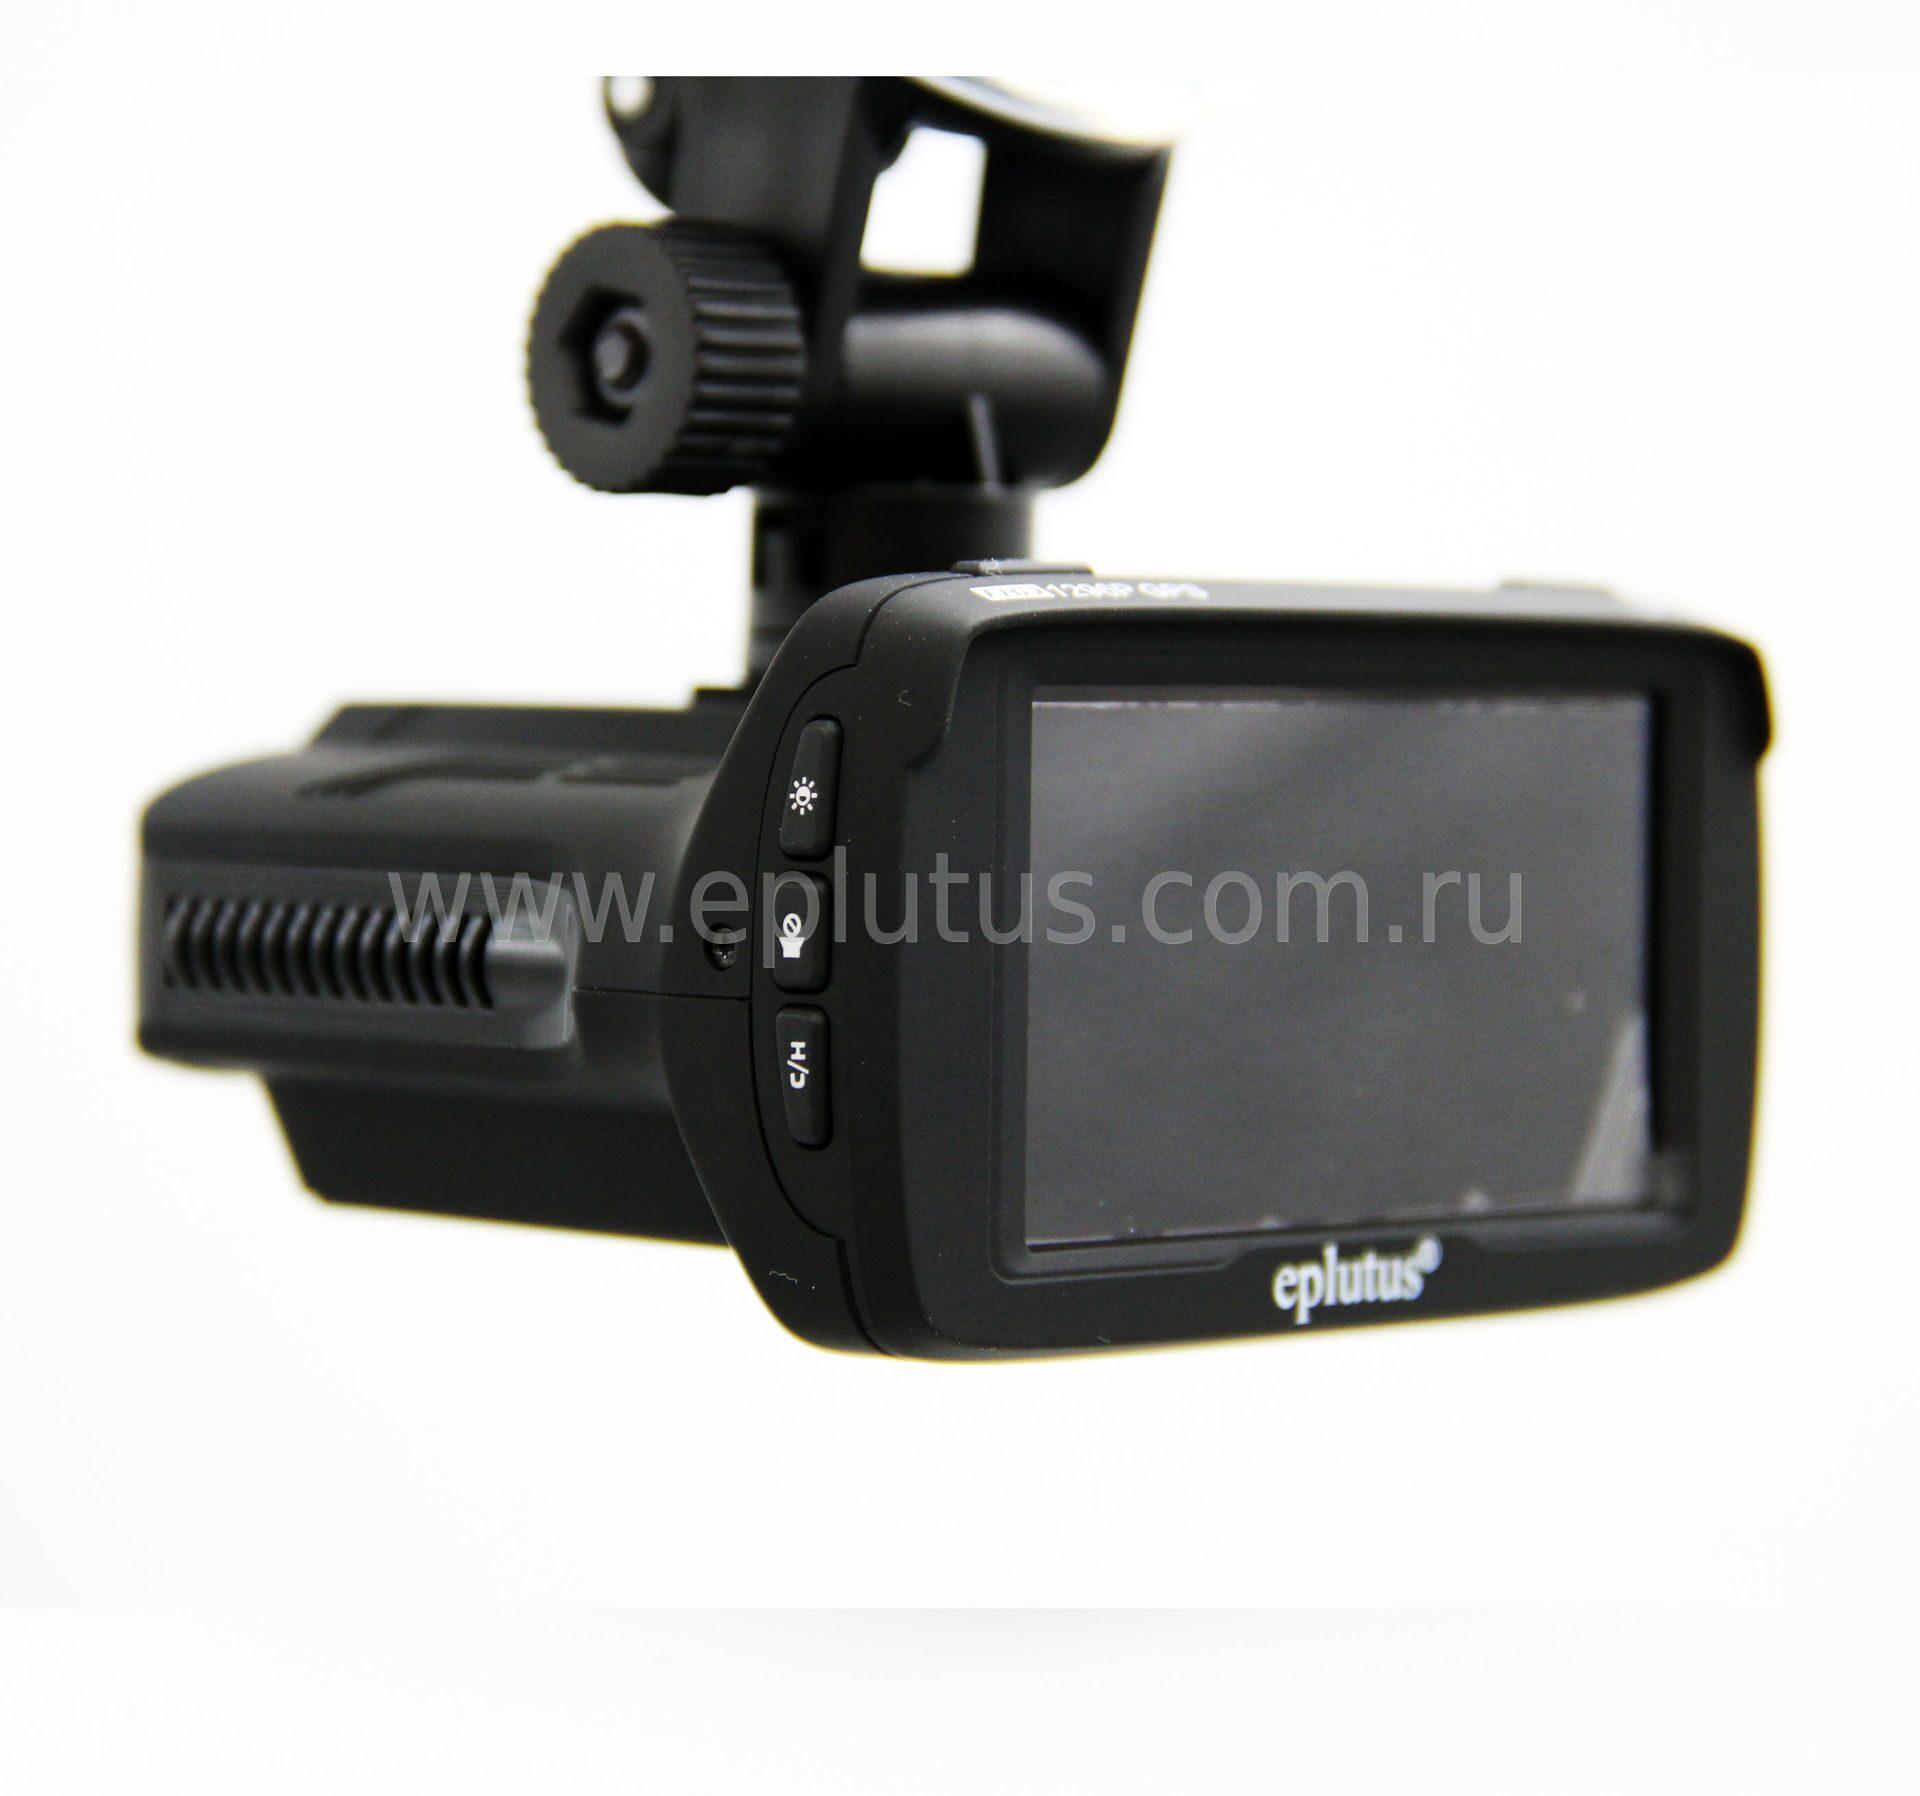 Двд навигатор видеорегистратор автомобильный видеорегистратор dod f880 lhd